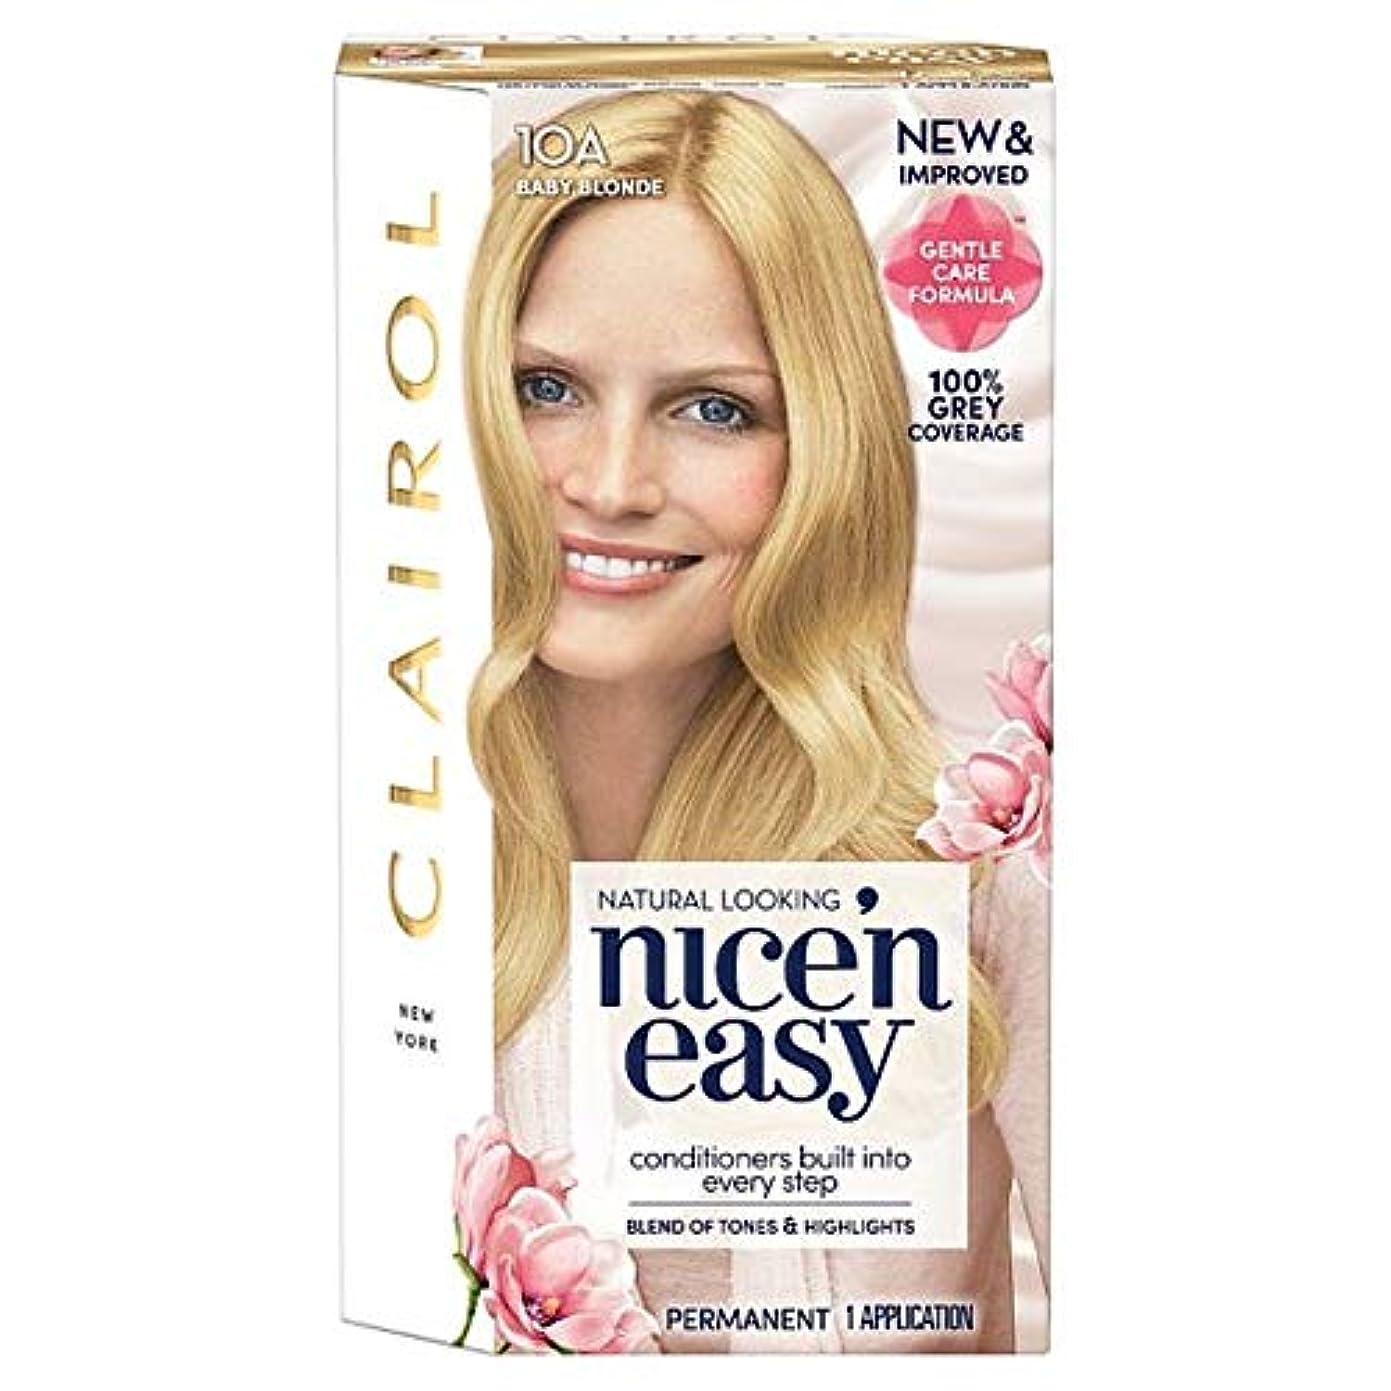 平行爆発するオーバードロー[Nice'n Easy] クレイロール素敵な「N簡単赤ん坊ブロンド10Aの染毛剤 - Clairol Nice 'N Easy Baby Blonde 10A Hair Dye [並行輸入品]